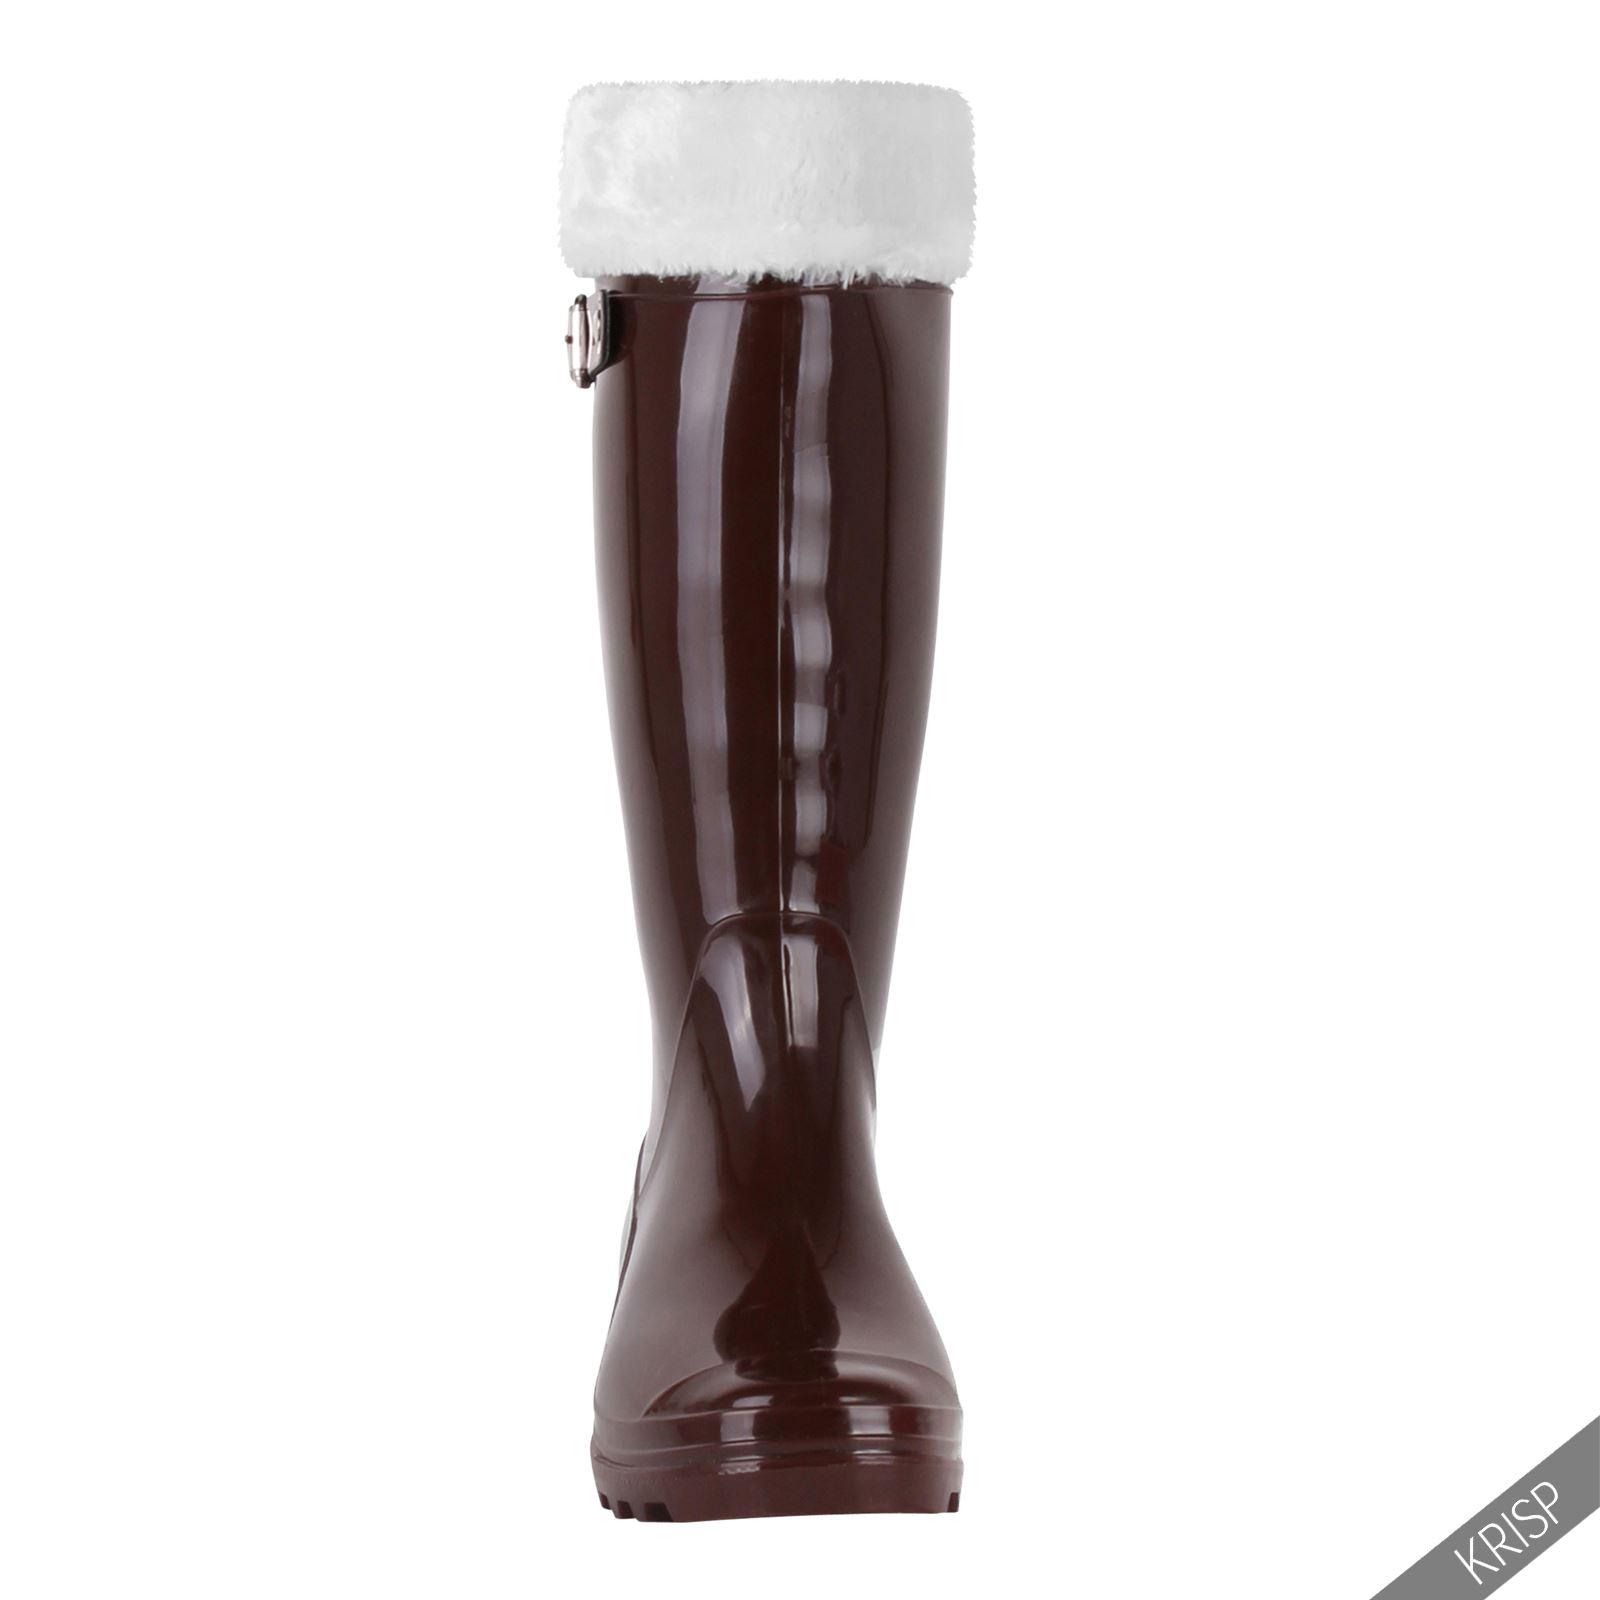 Botas-Agua-Mujer-Barata-Original-Botines-Moda-Comodas-Calzado-Elastico-Juveniles miniatura 19